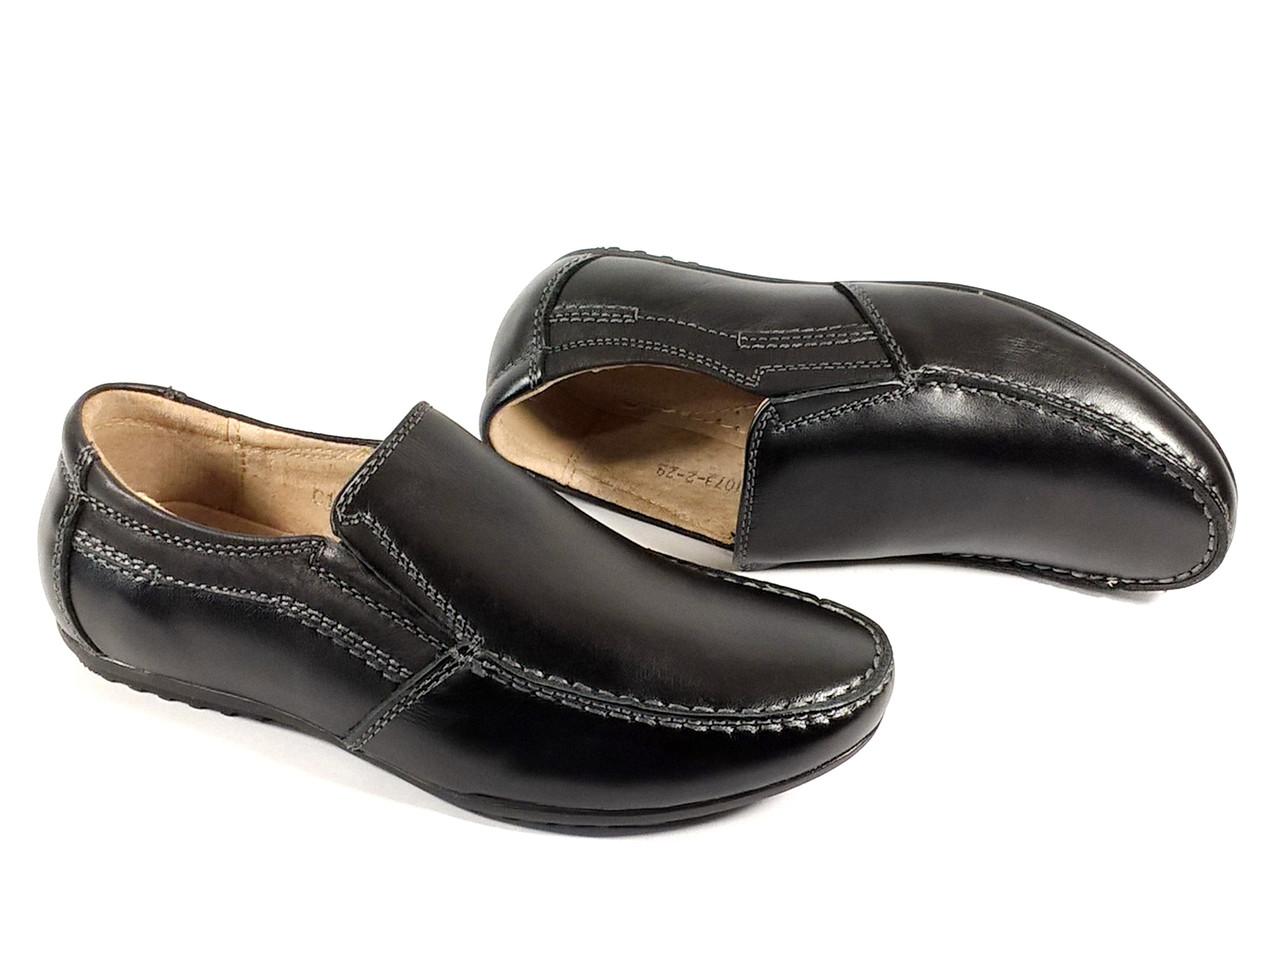 3ecfba8ee Детские туфли Kangfu 1073-2 чёрные, натуральная кожа - интернет-магазин